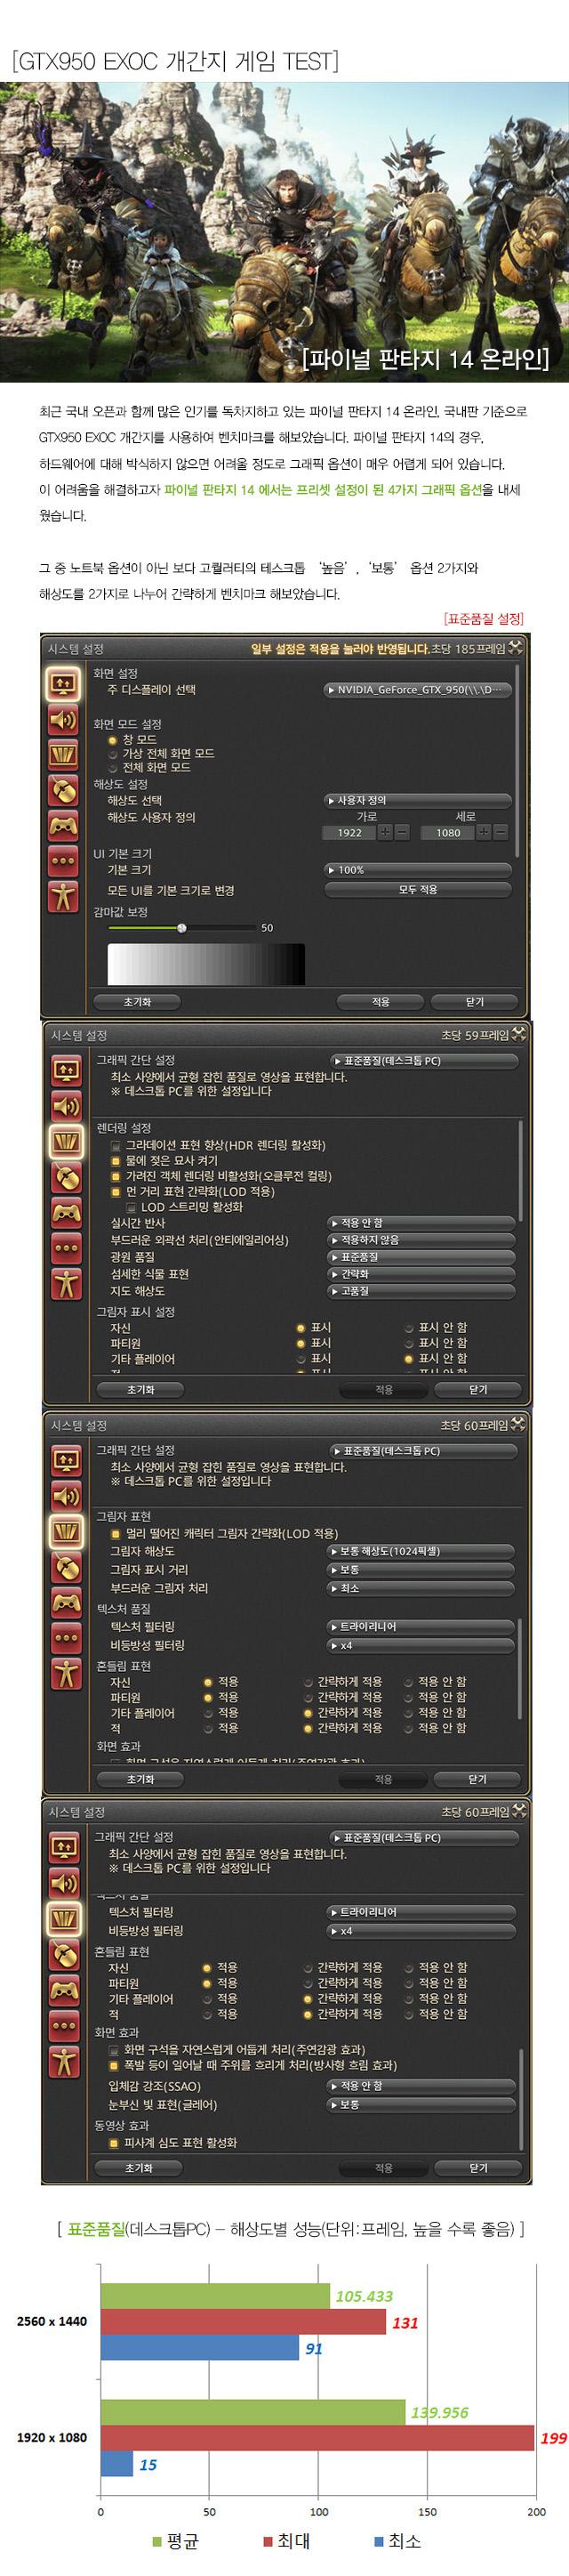 PR_GTX950_EXOC_개간지_08.jpg